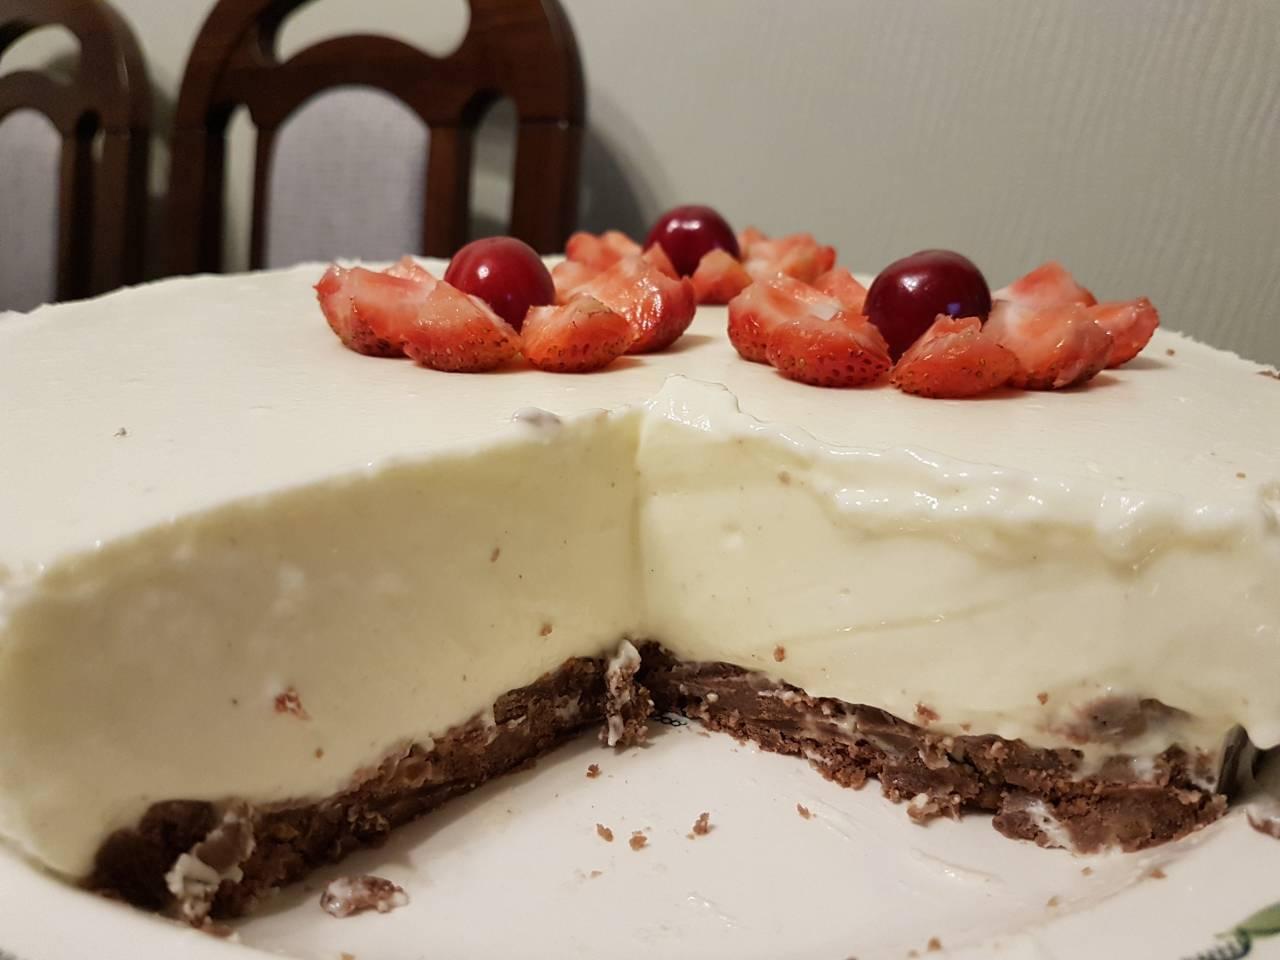 Nekeptas varškės tortas. Asmeninio archyvo nuotr.